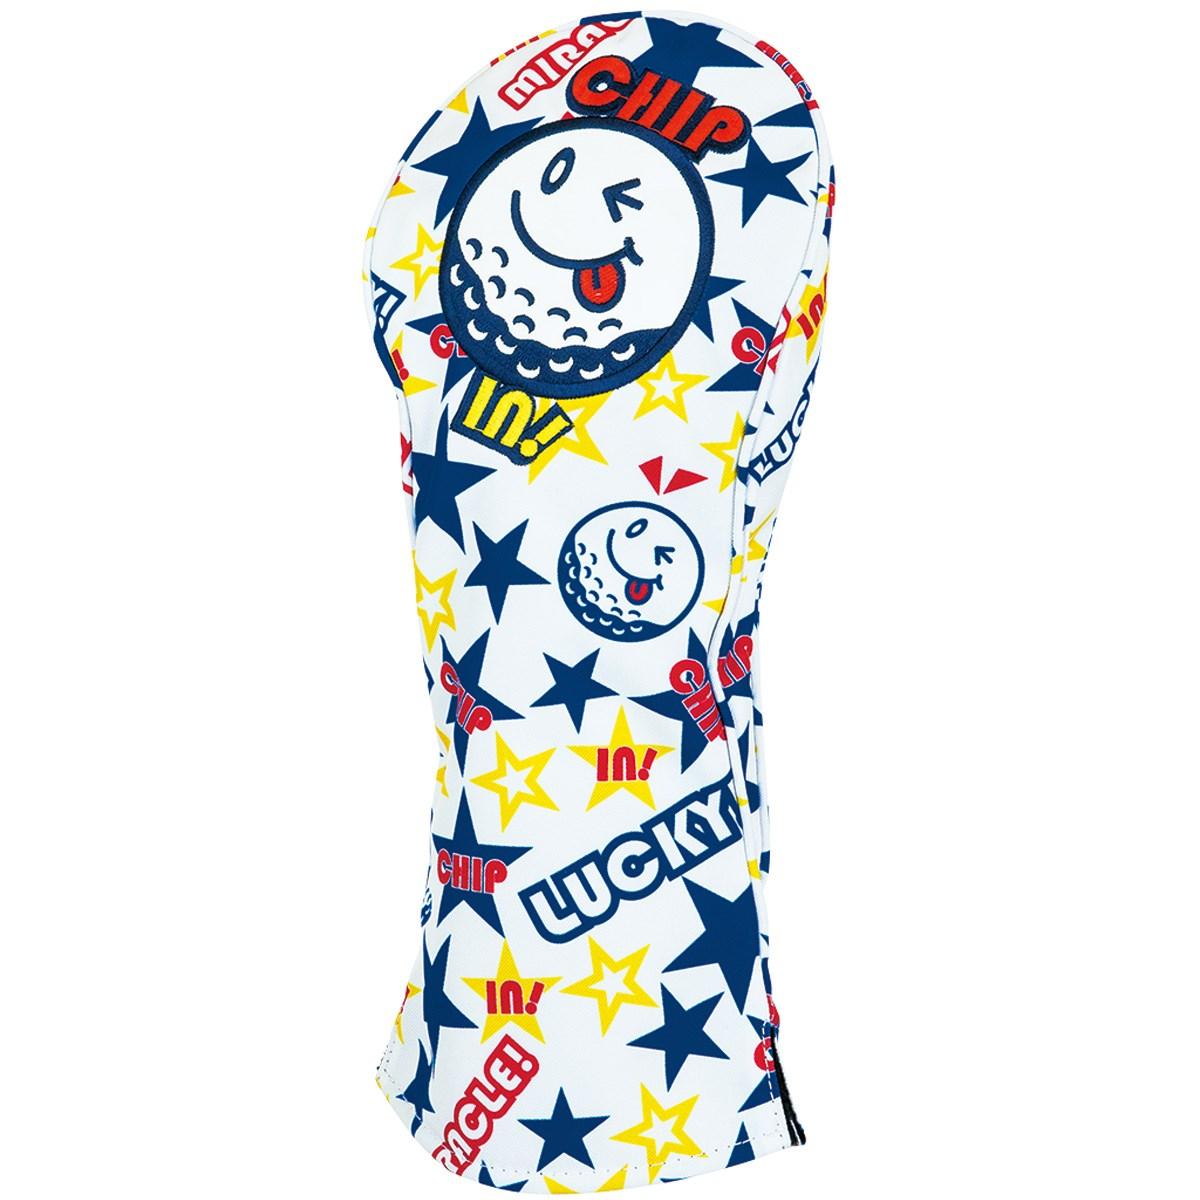 [アウトレット] [在庫限りのお買い得商品] WINWIN STYLE MIRACLE CHIP IN ヘッドカバー DR用 ホワイト メンズ ゴルフ